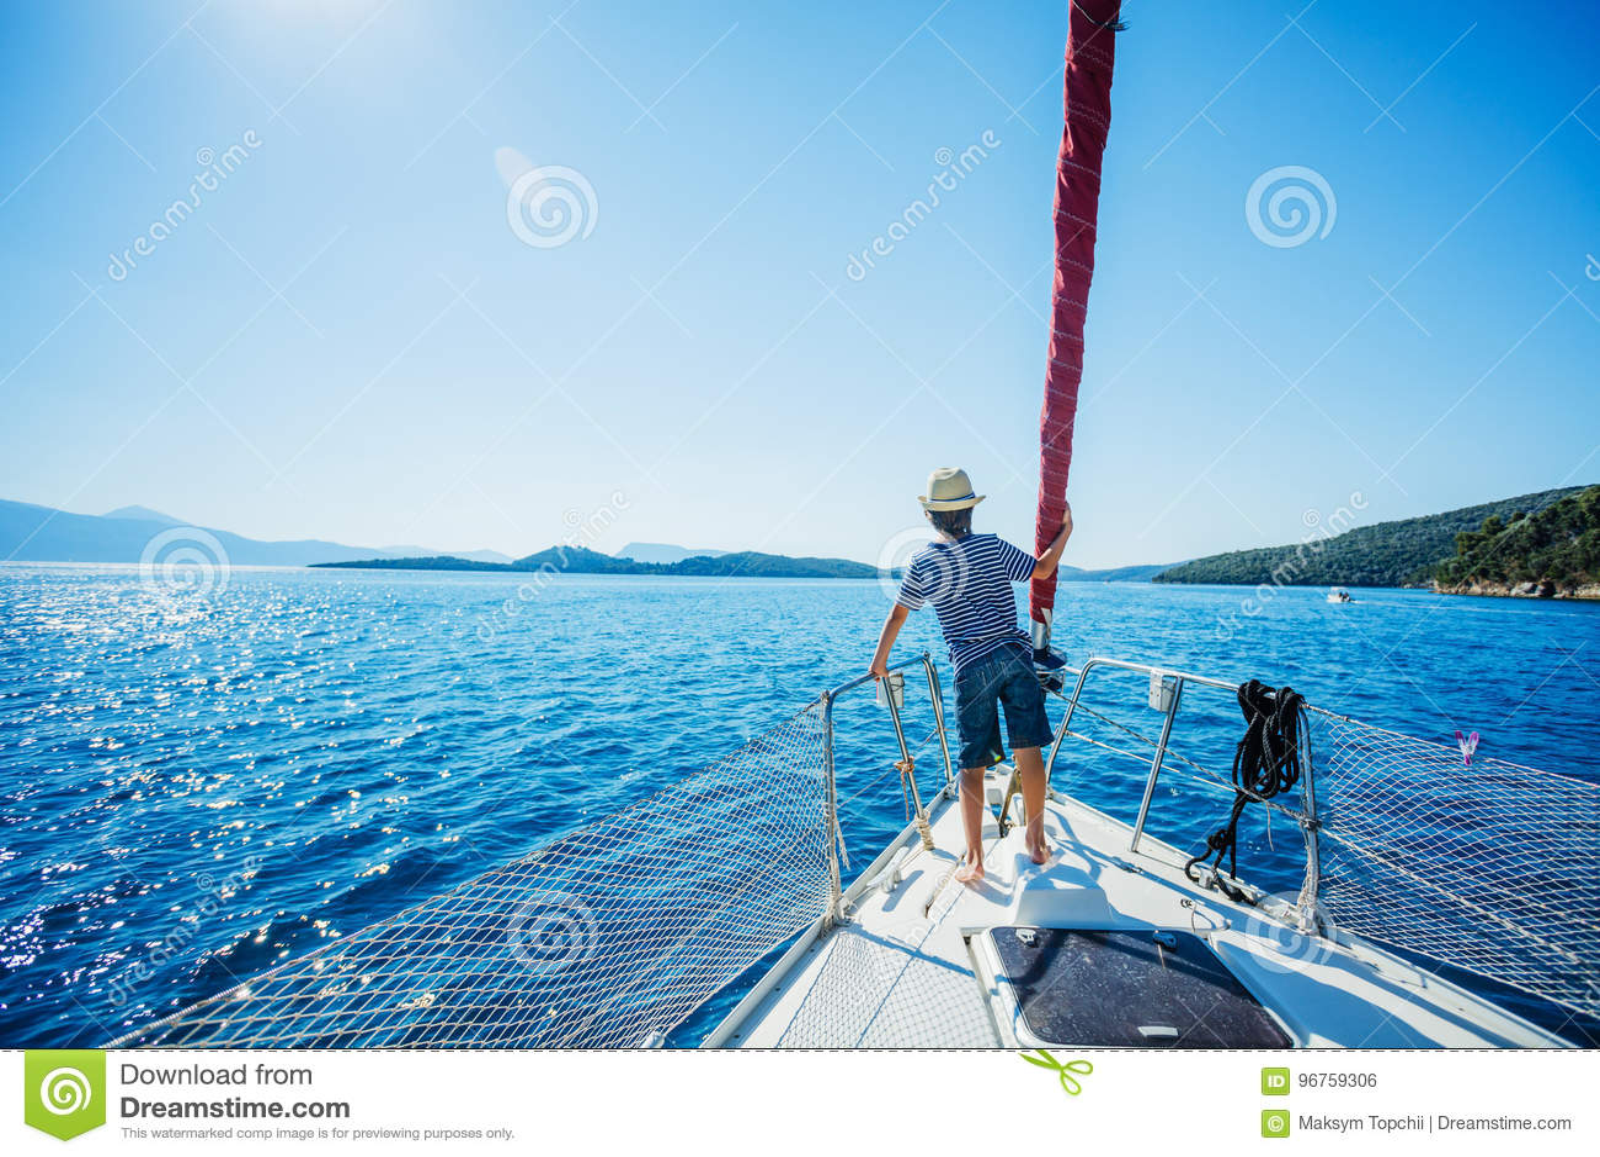 小男孩在船上在夏天巡航的航行游艇 旅行冒险,乘快艇与孩子家庭度假